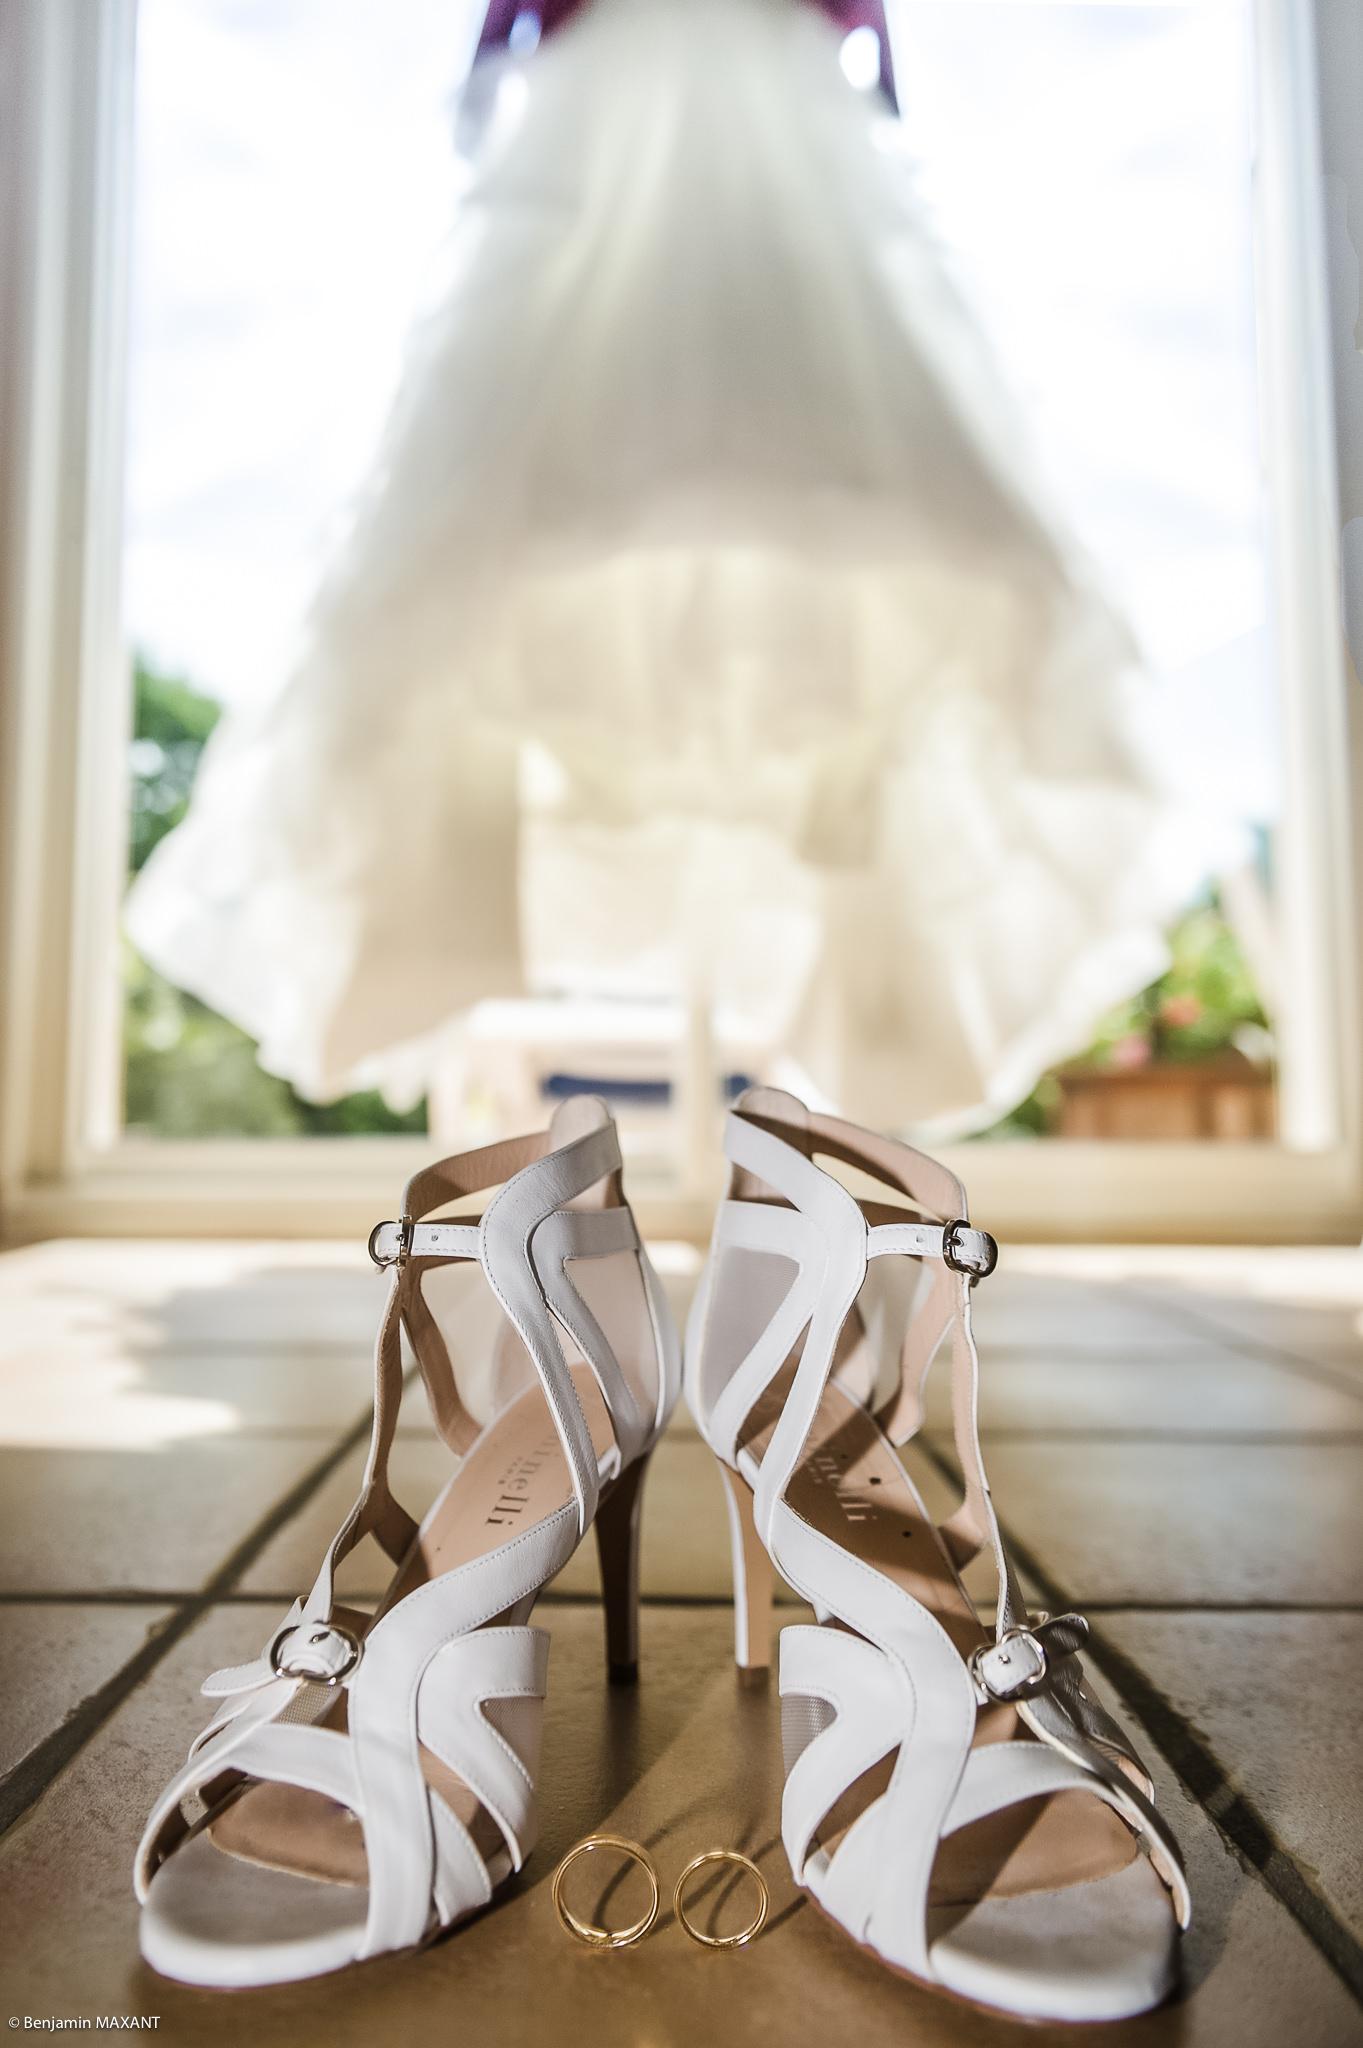 Les chaussure de la mariée avec les alliances au milieu et la robe de mariée dans le fond